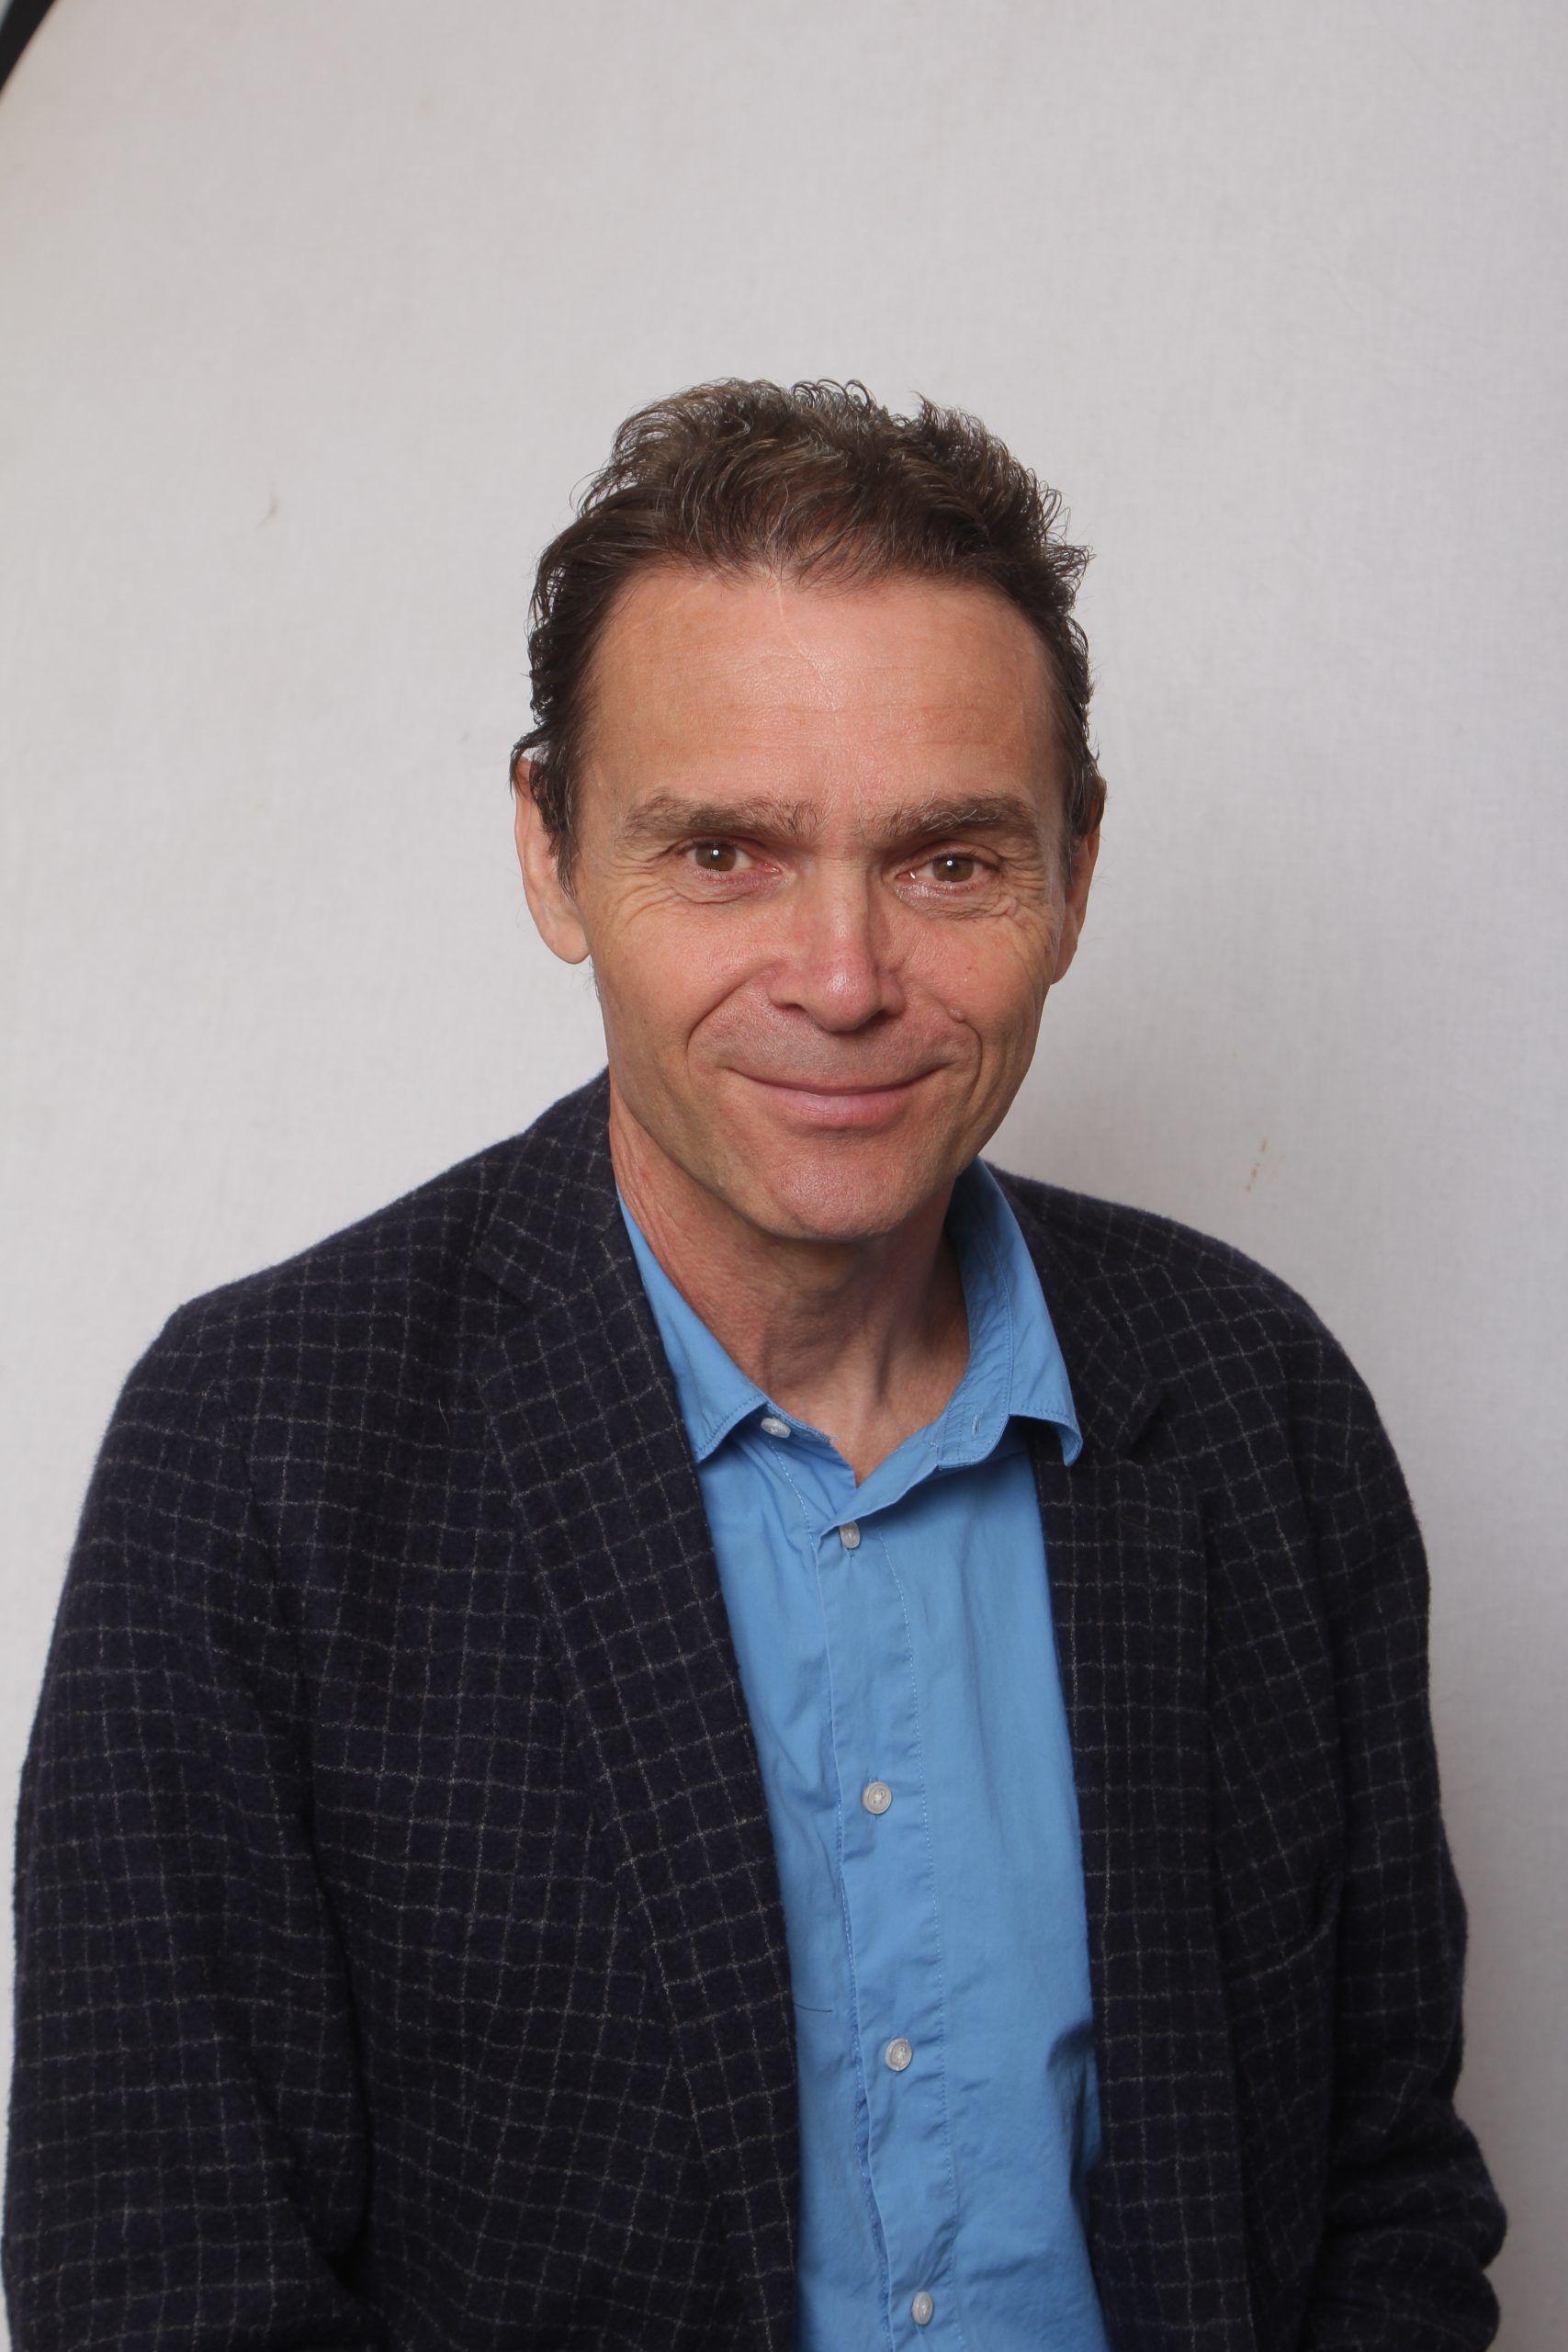 Dieter Altmann